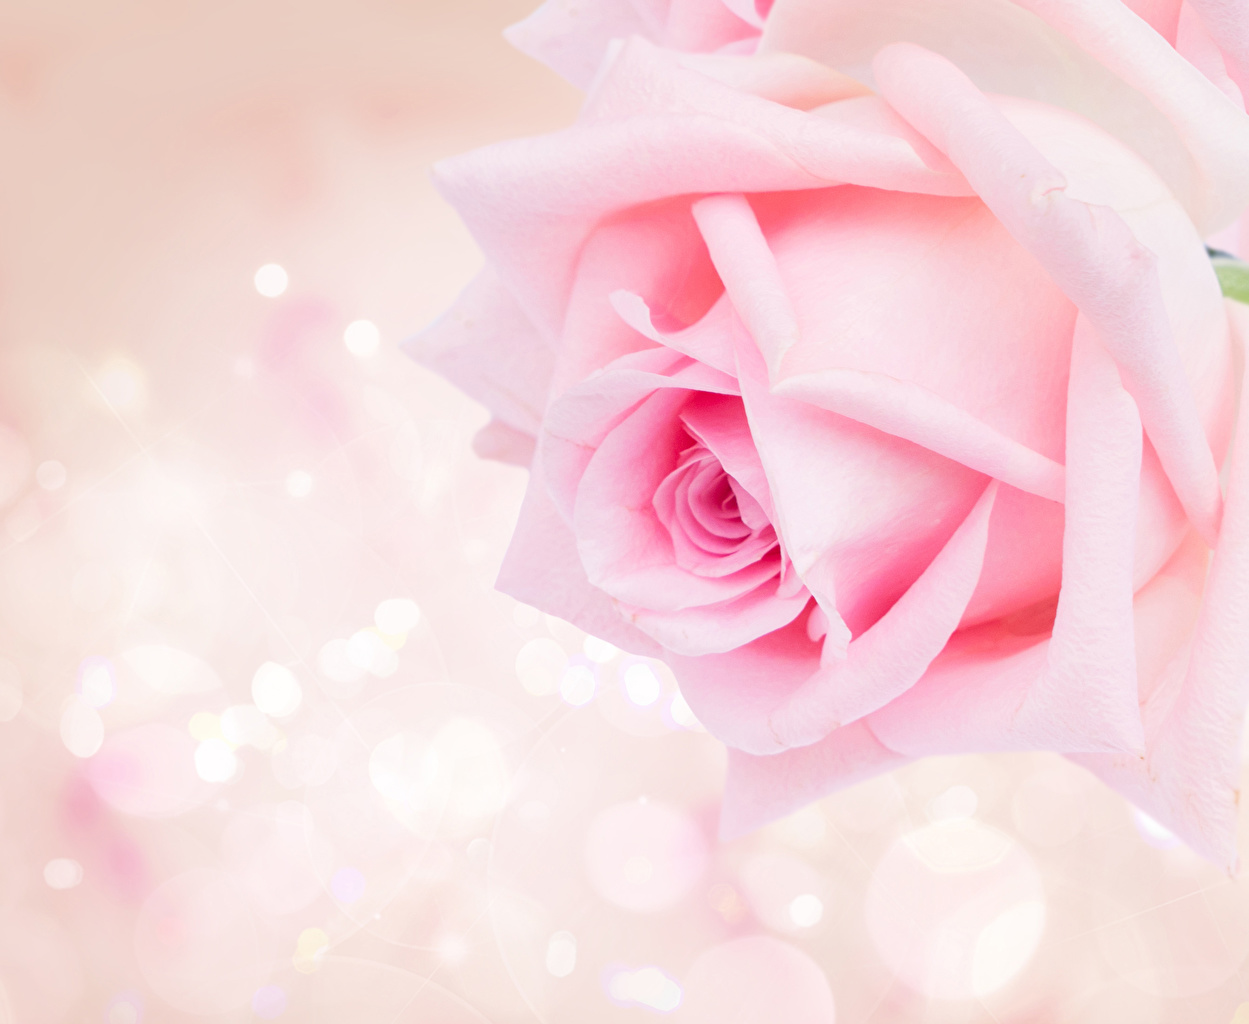 Картинка Розы розовых Цветы вблизи Розовый розовые розовая Крупным планом